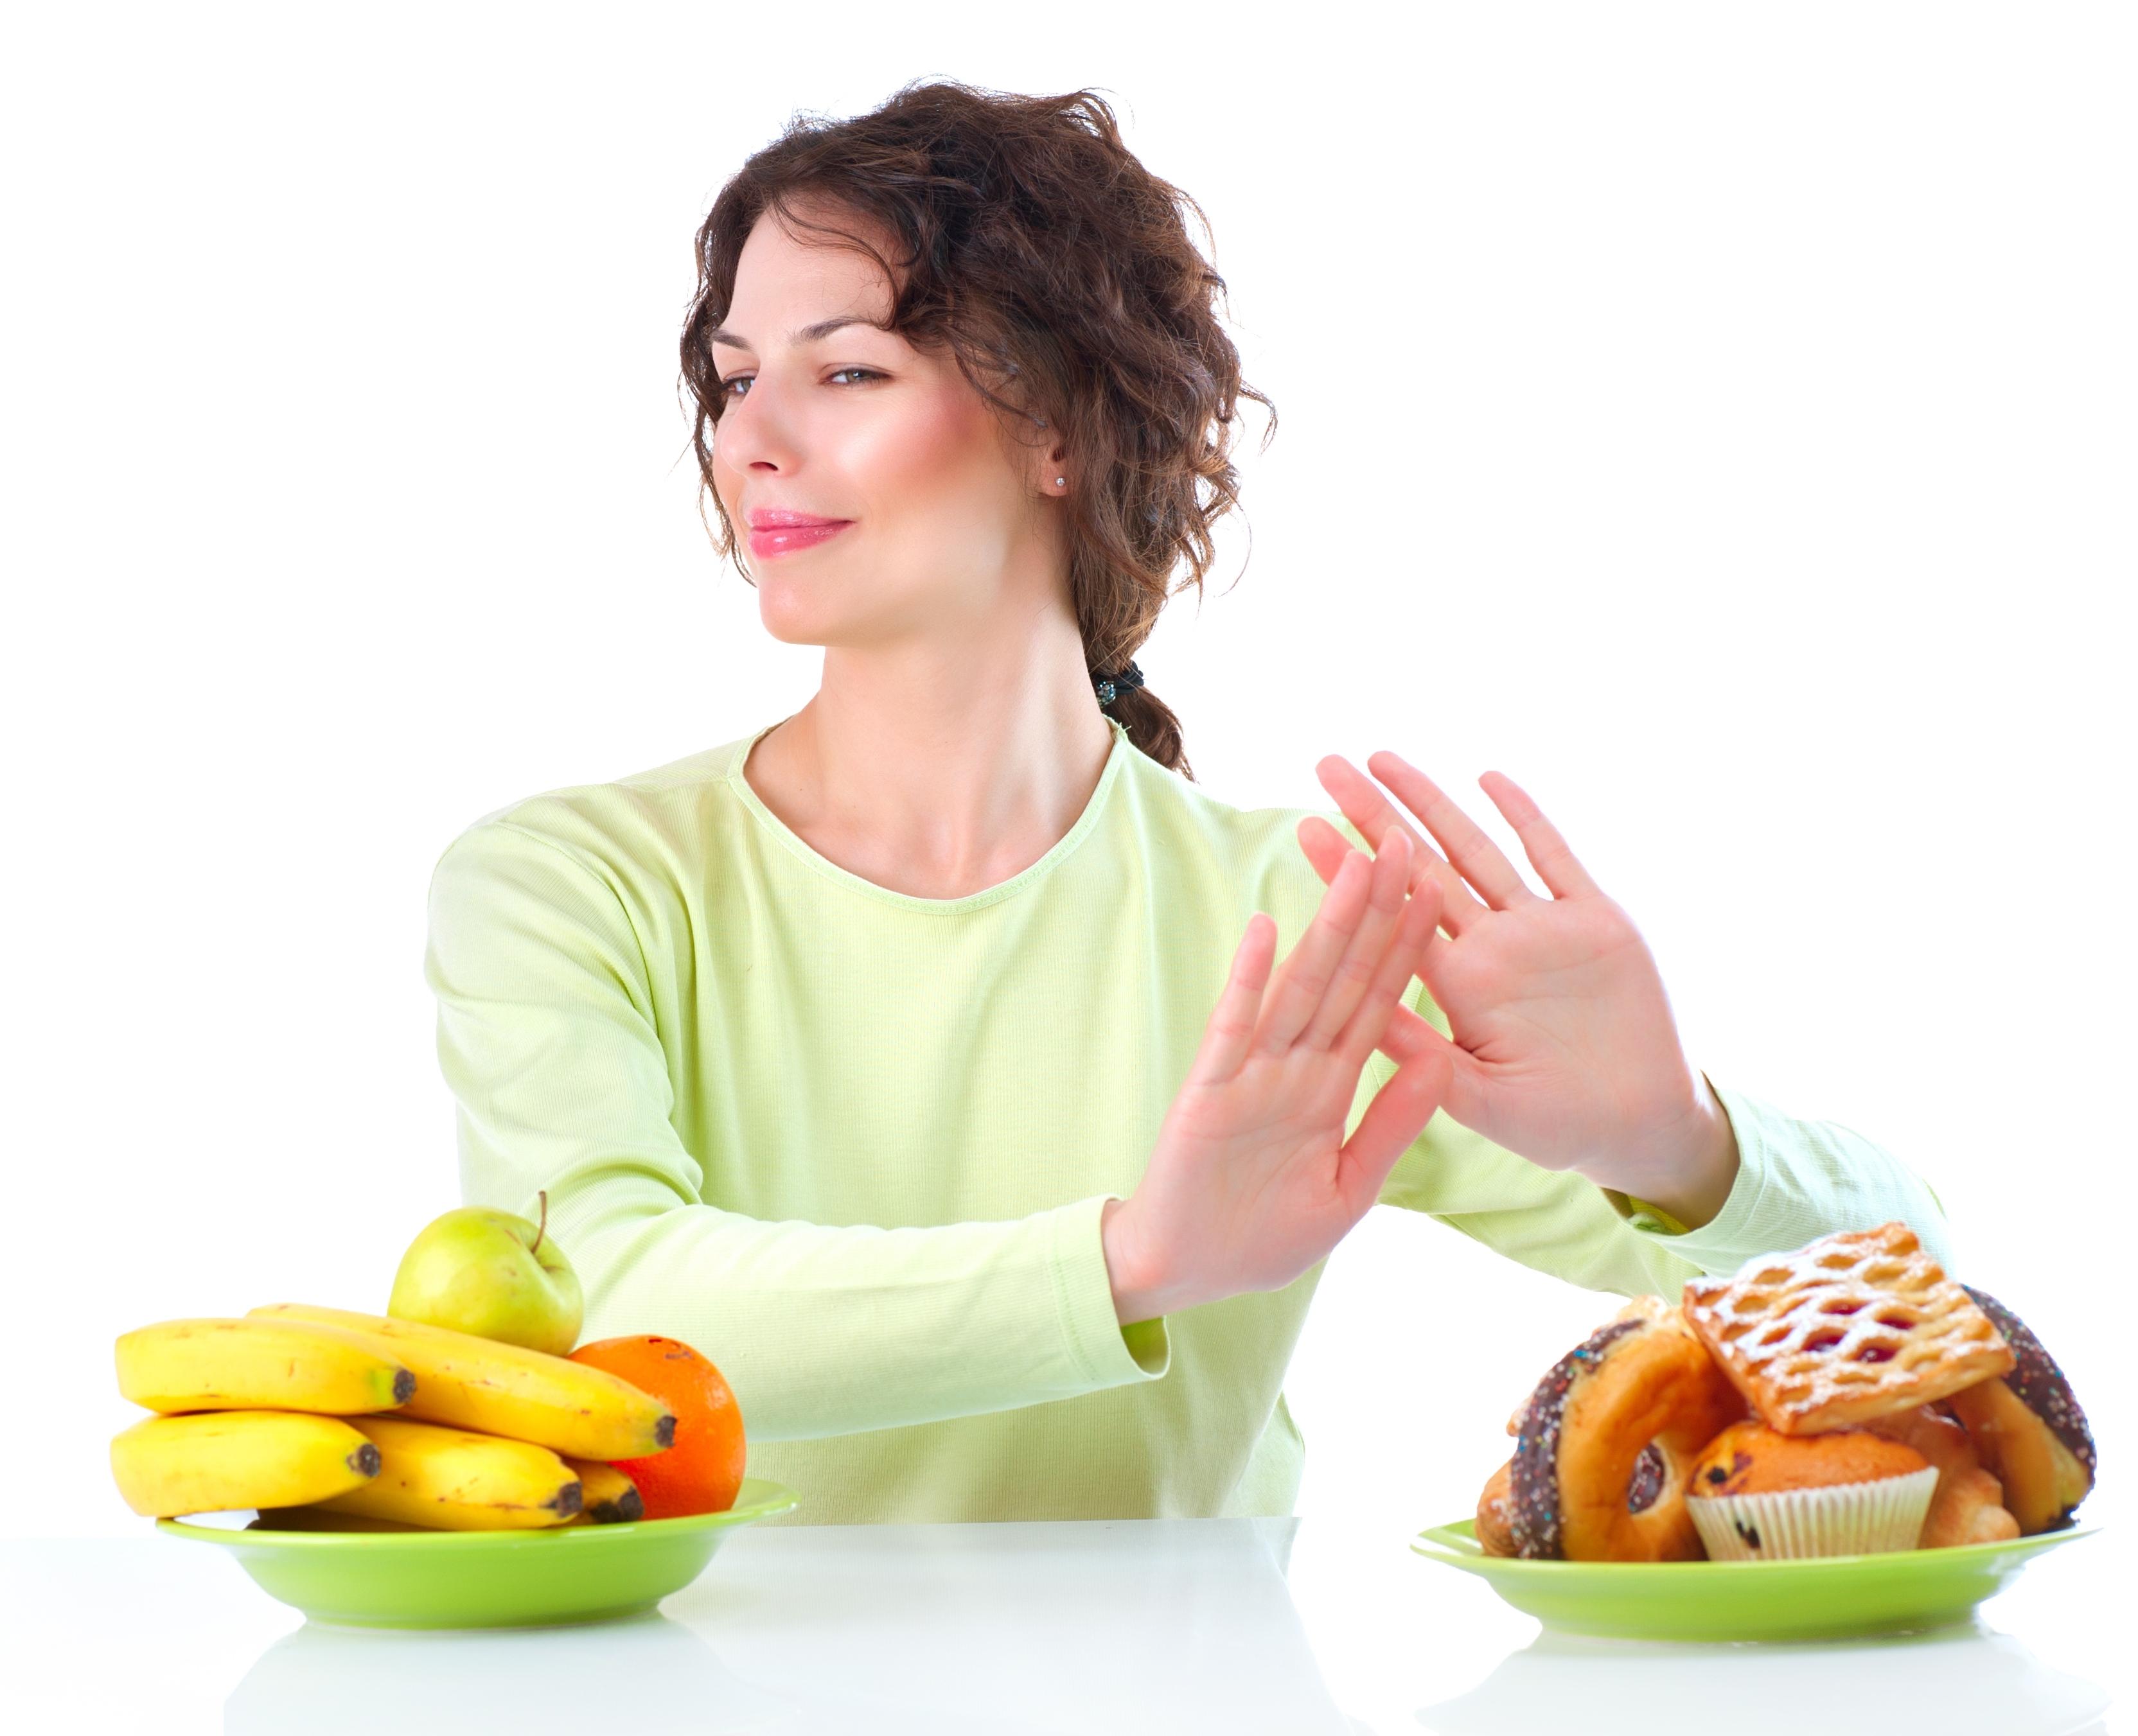 menjaga makanan yang sehat